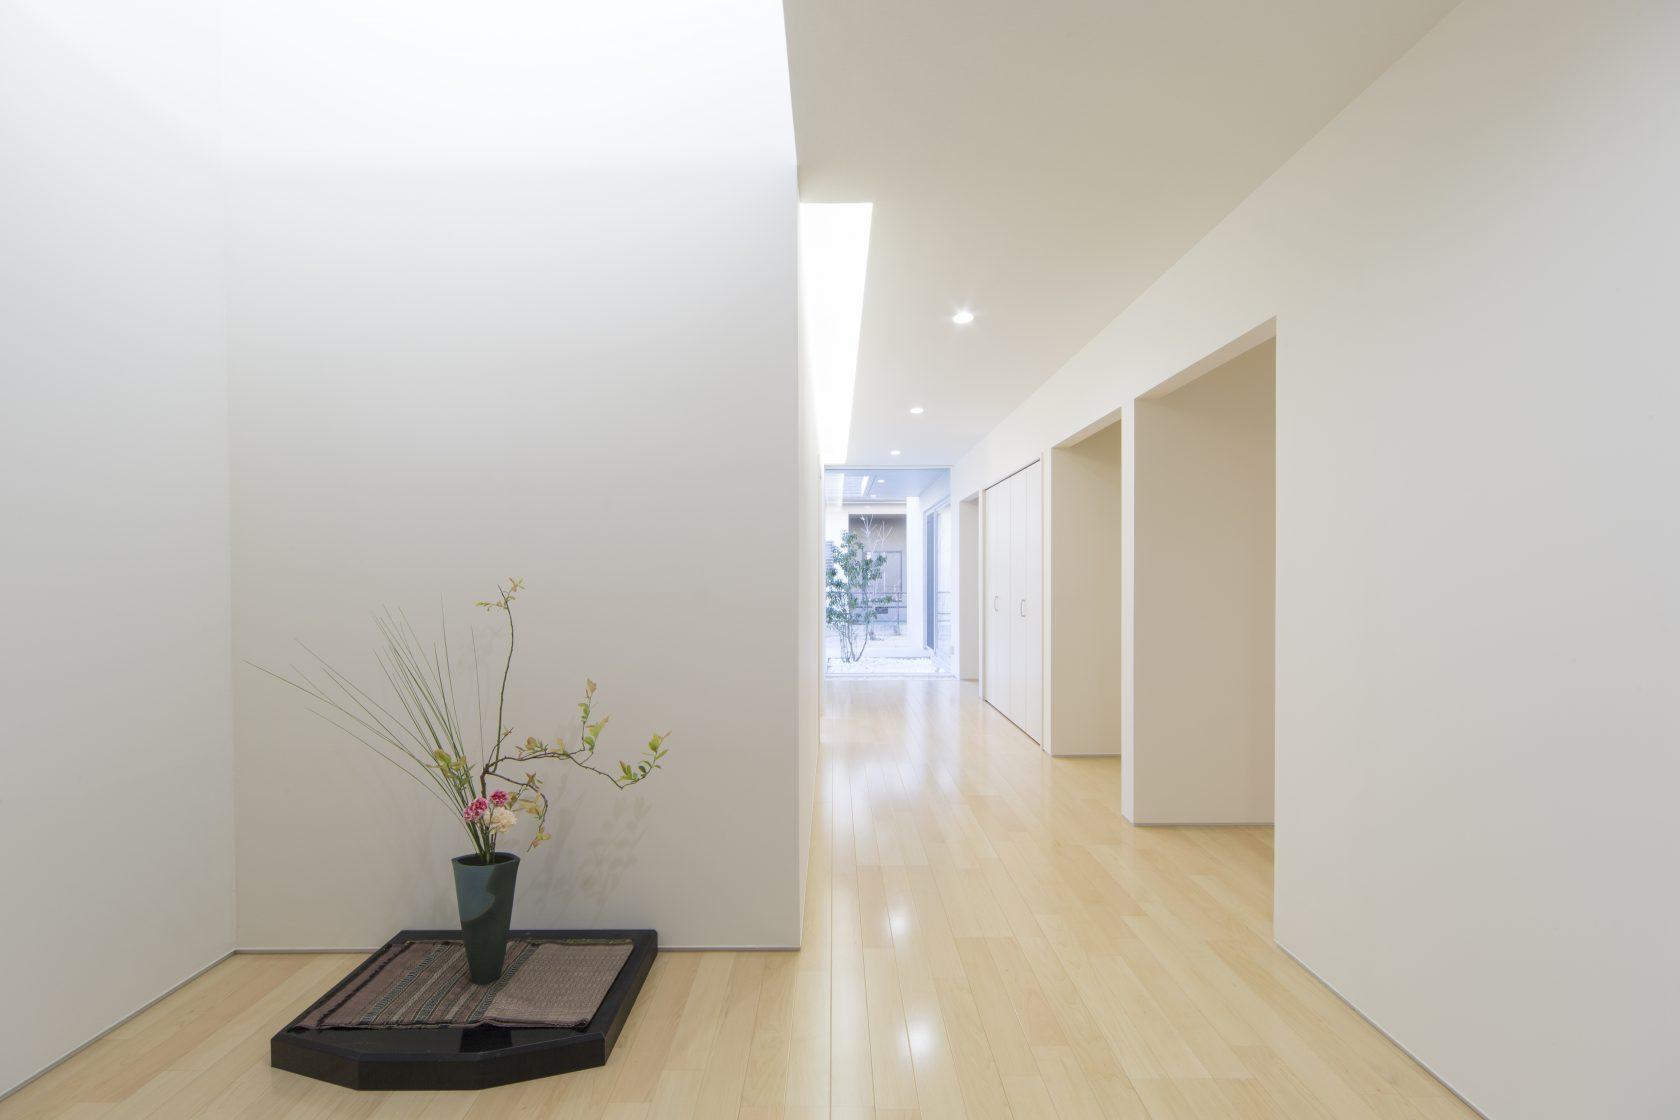 MOLSの趣味の共有ができる廊下実例写真